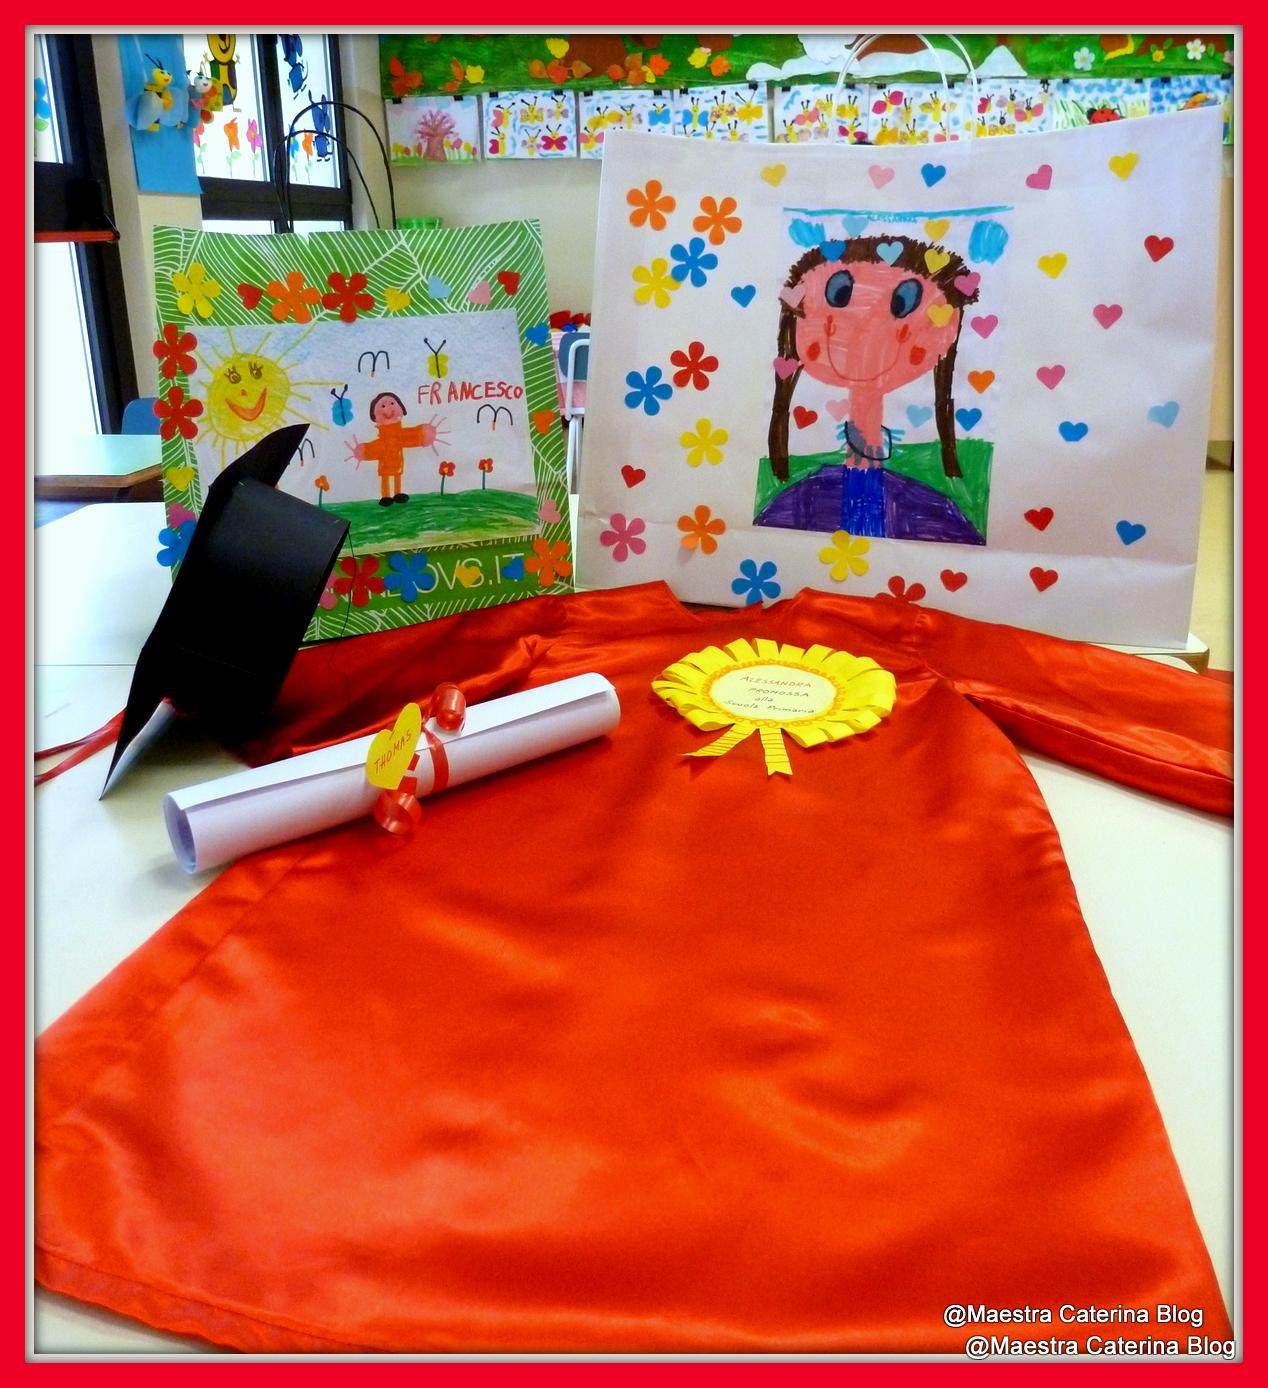 Maestra caterina festa dei diplomi scuola infanzia for Maestra infanzia